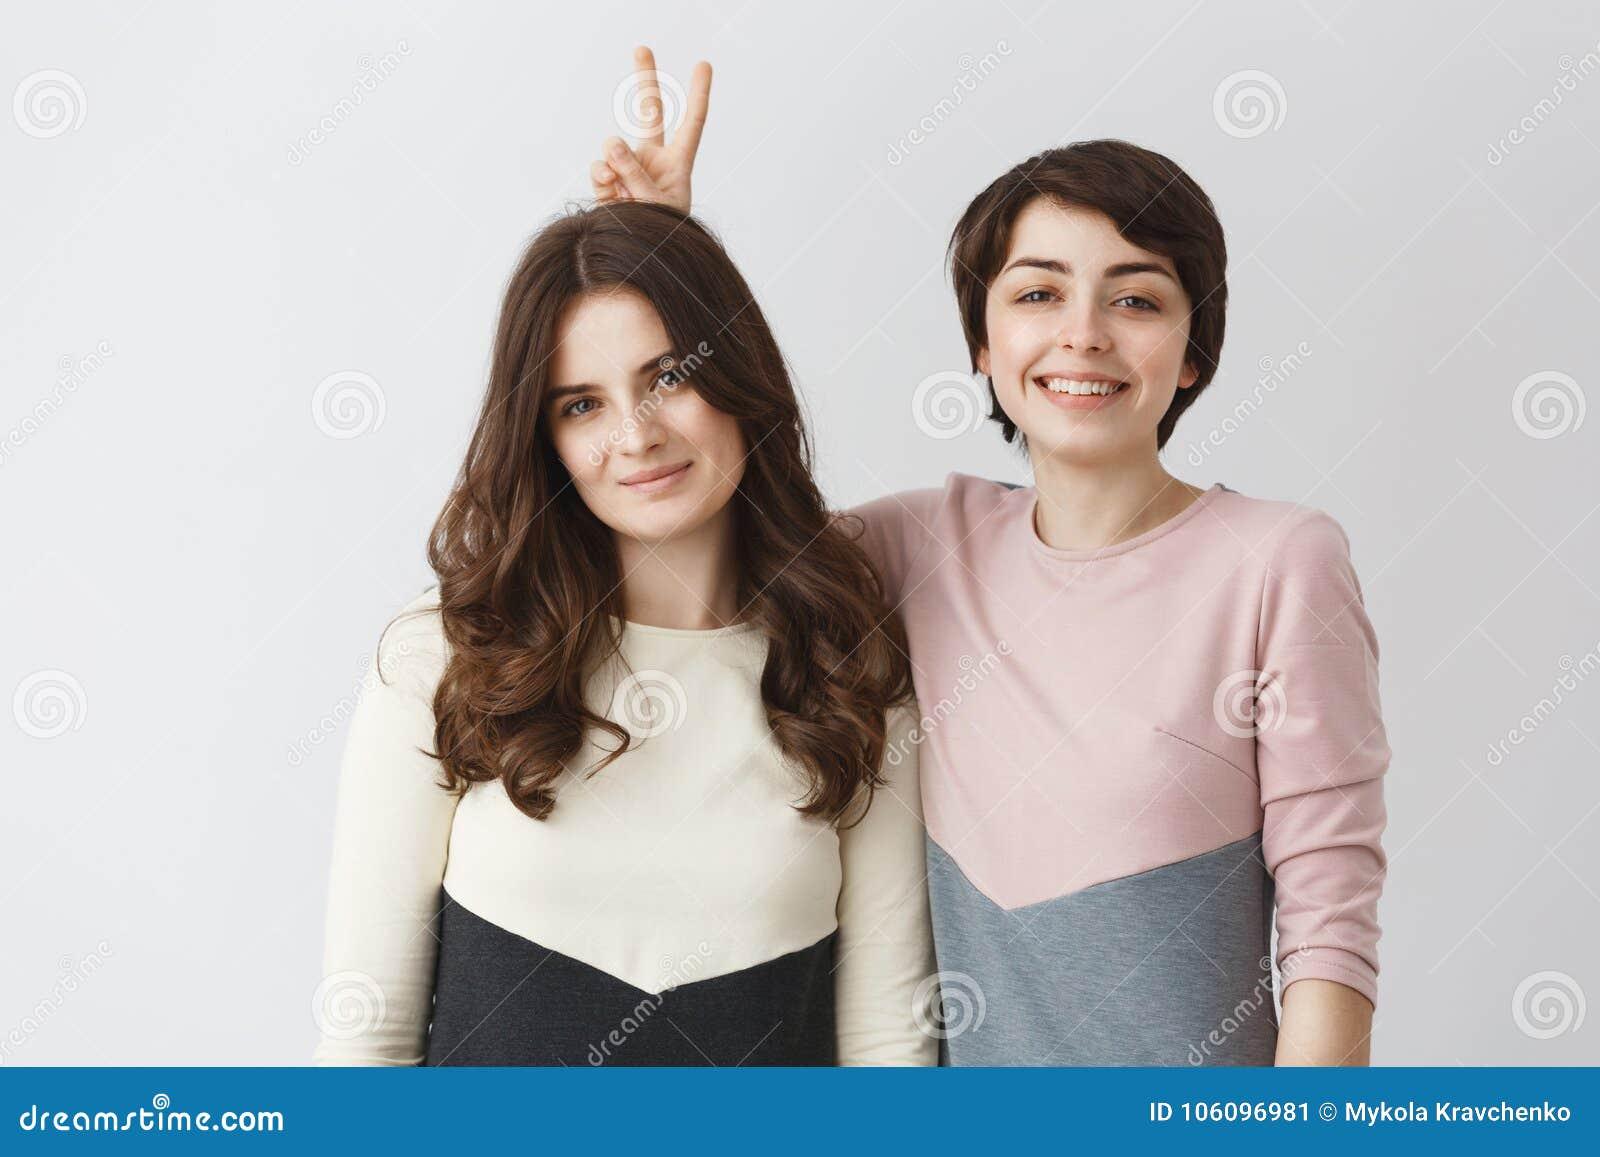 lesbiche faccia seduta immagini